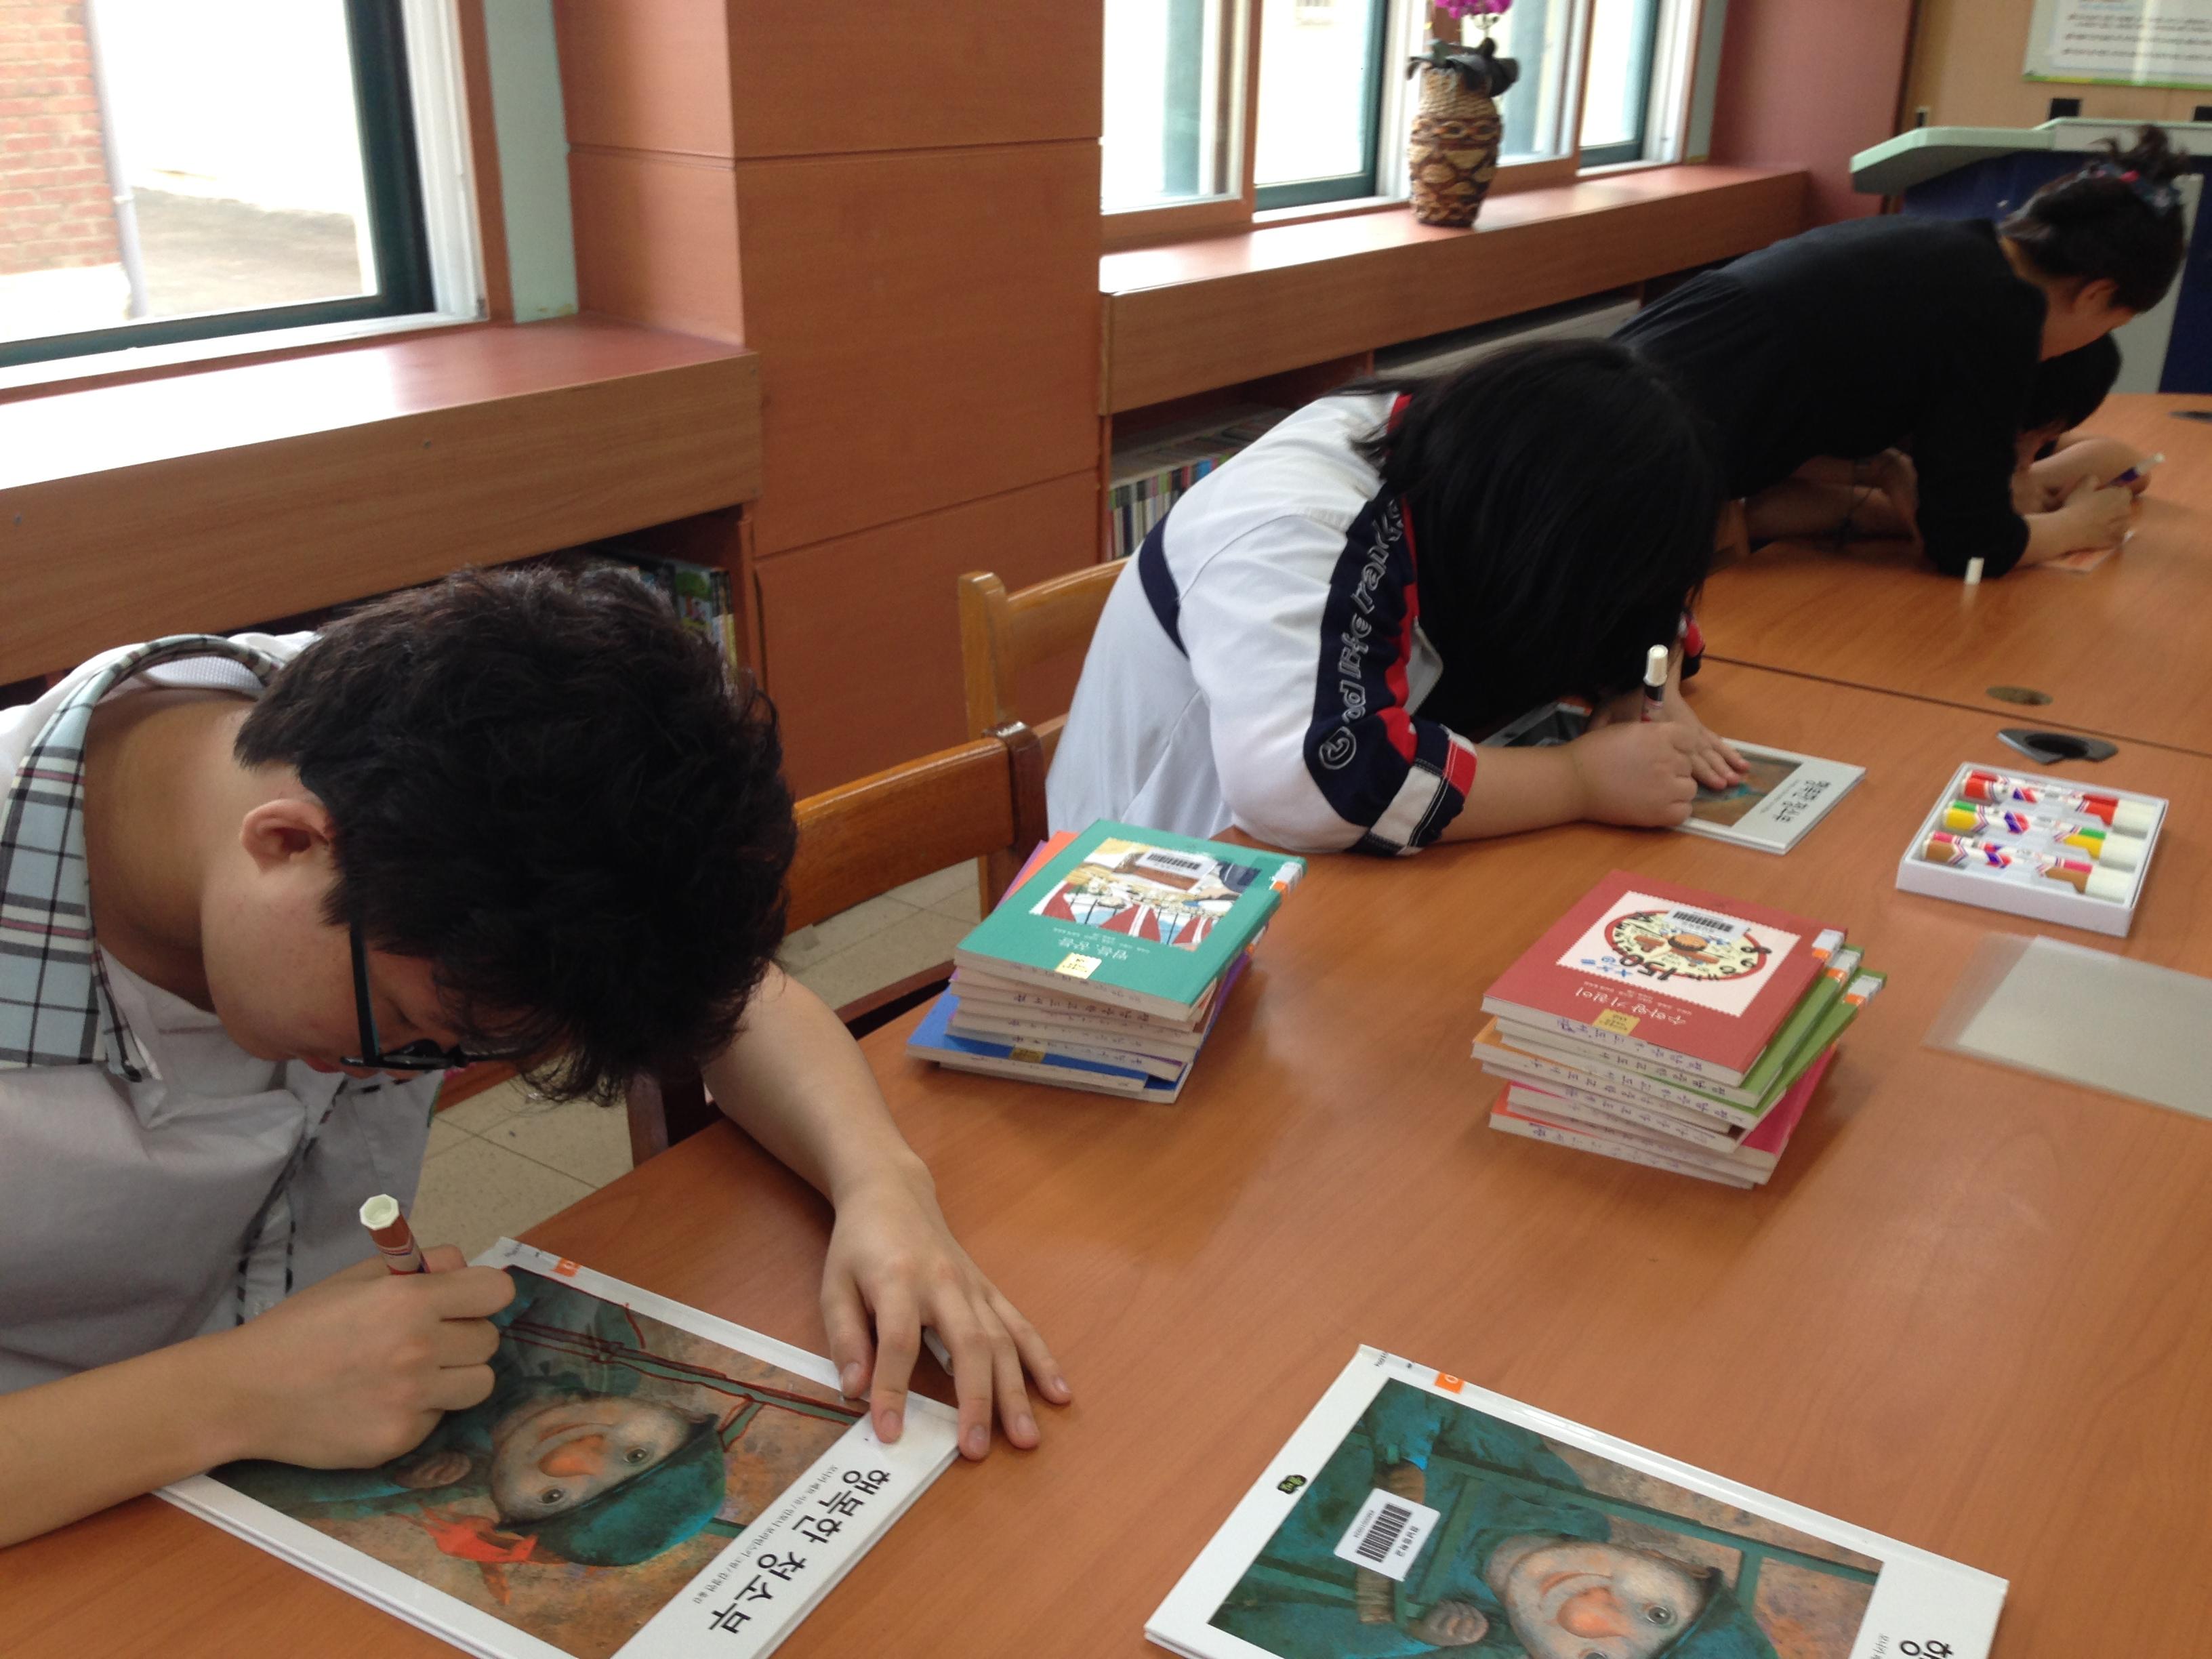 [일반] 특수학급 도서관 활용수업 책으로 마음나누기의 첨부이미지 1